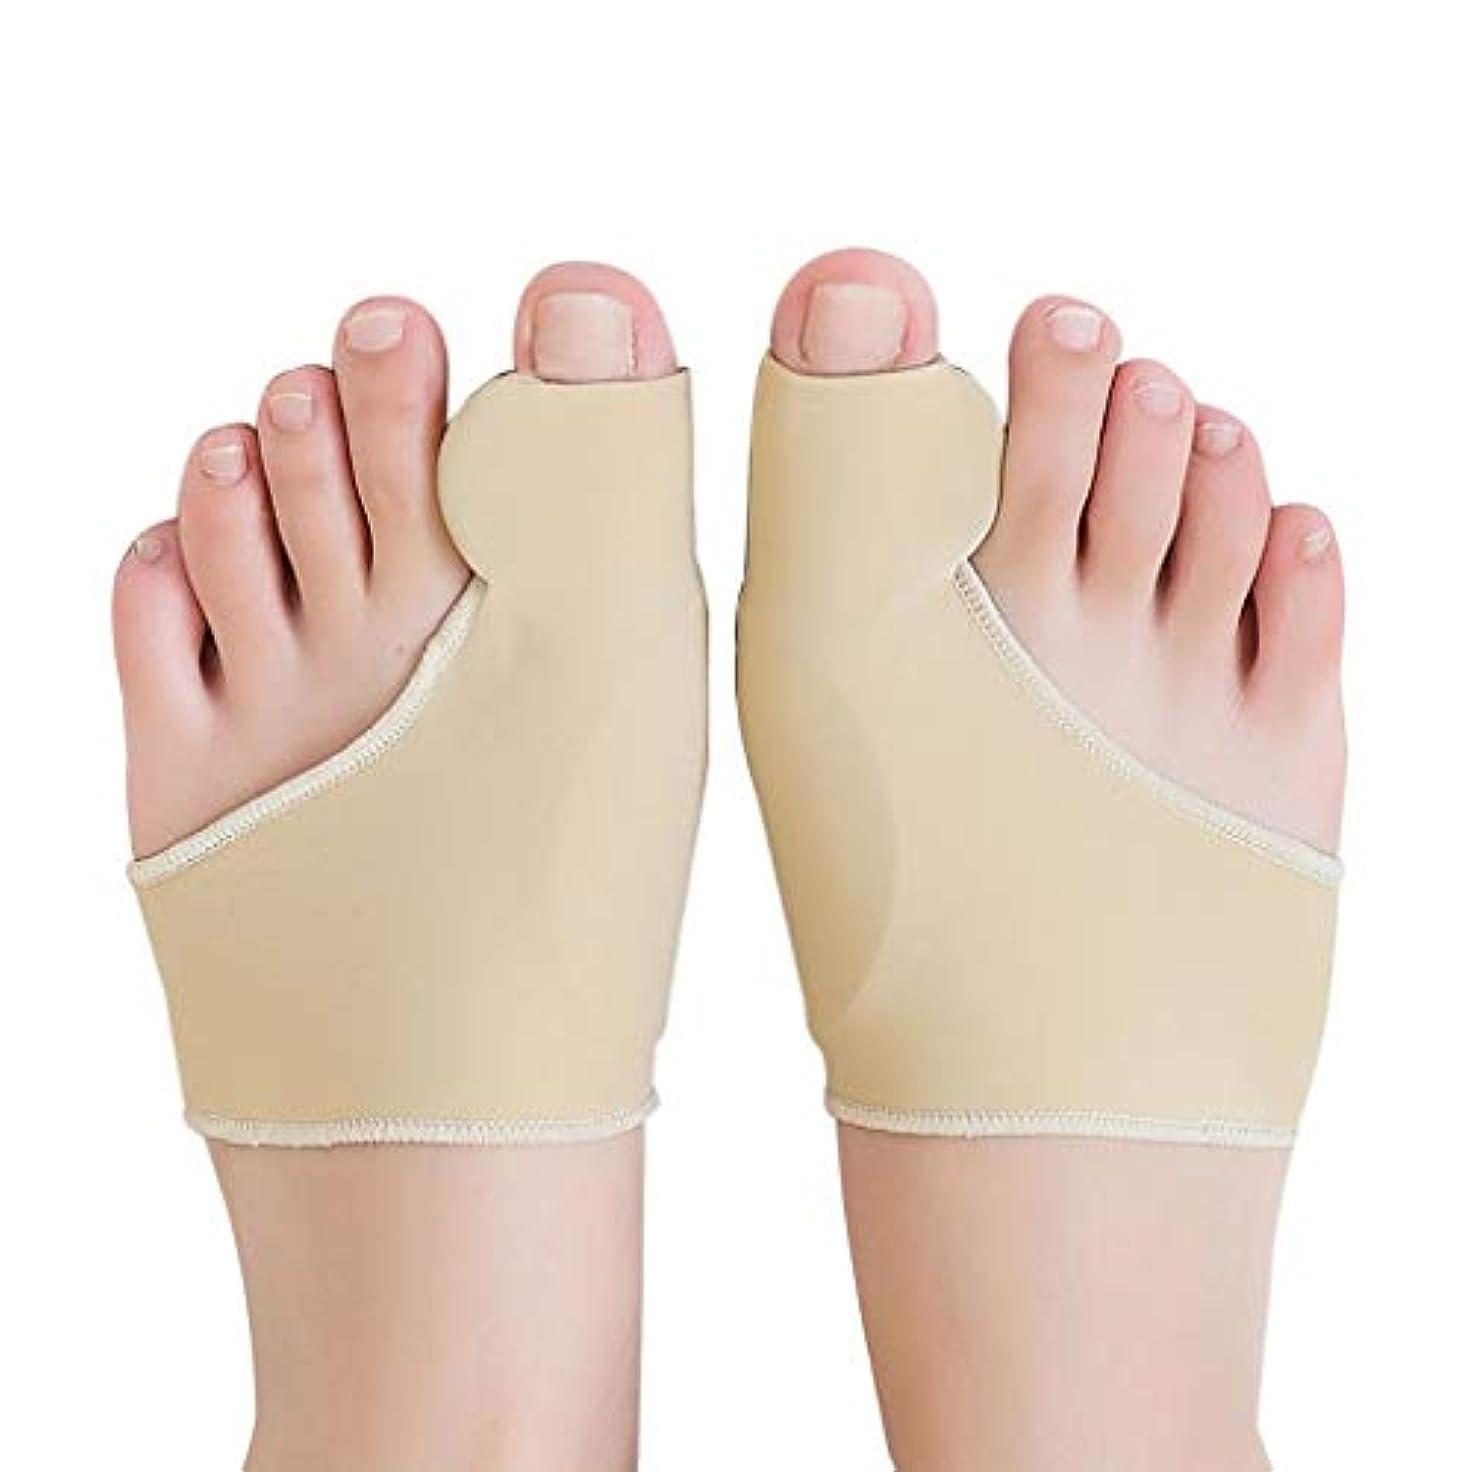 ベスト美徳比類なき女性の大きな足のつま先のケアシリコーンは大きな親指反転カバーで着用 窓の外の小雨